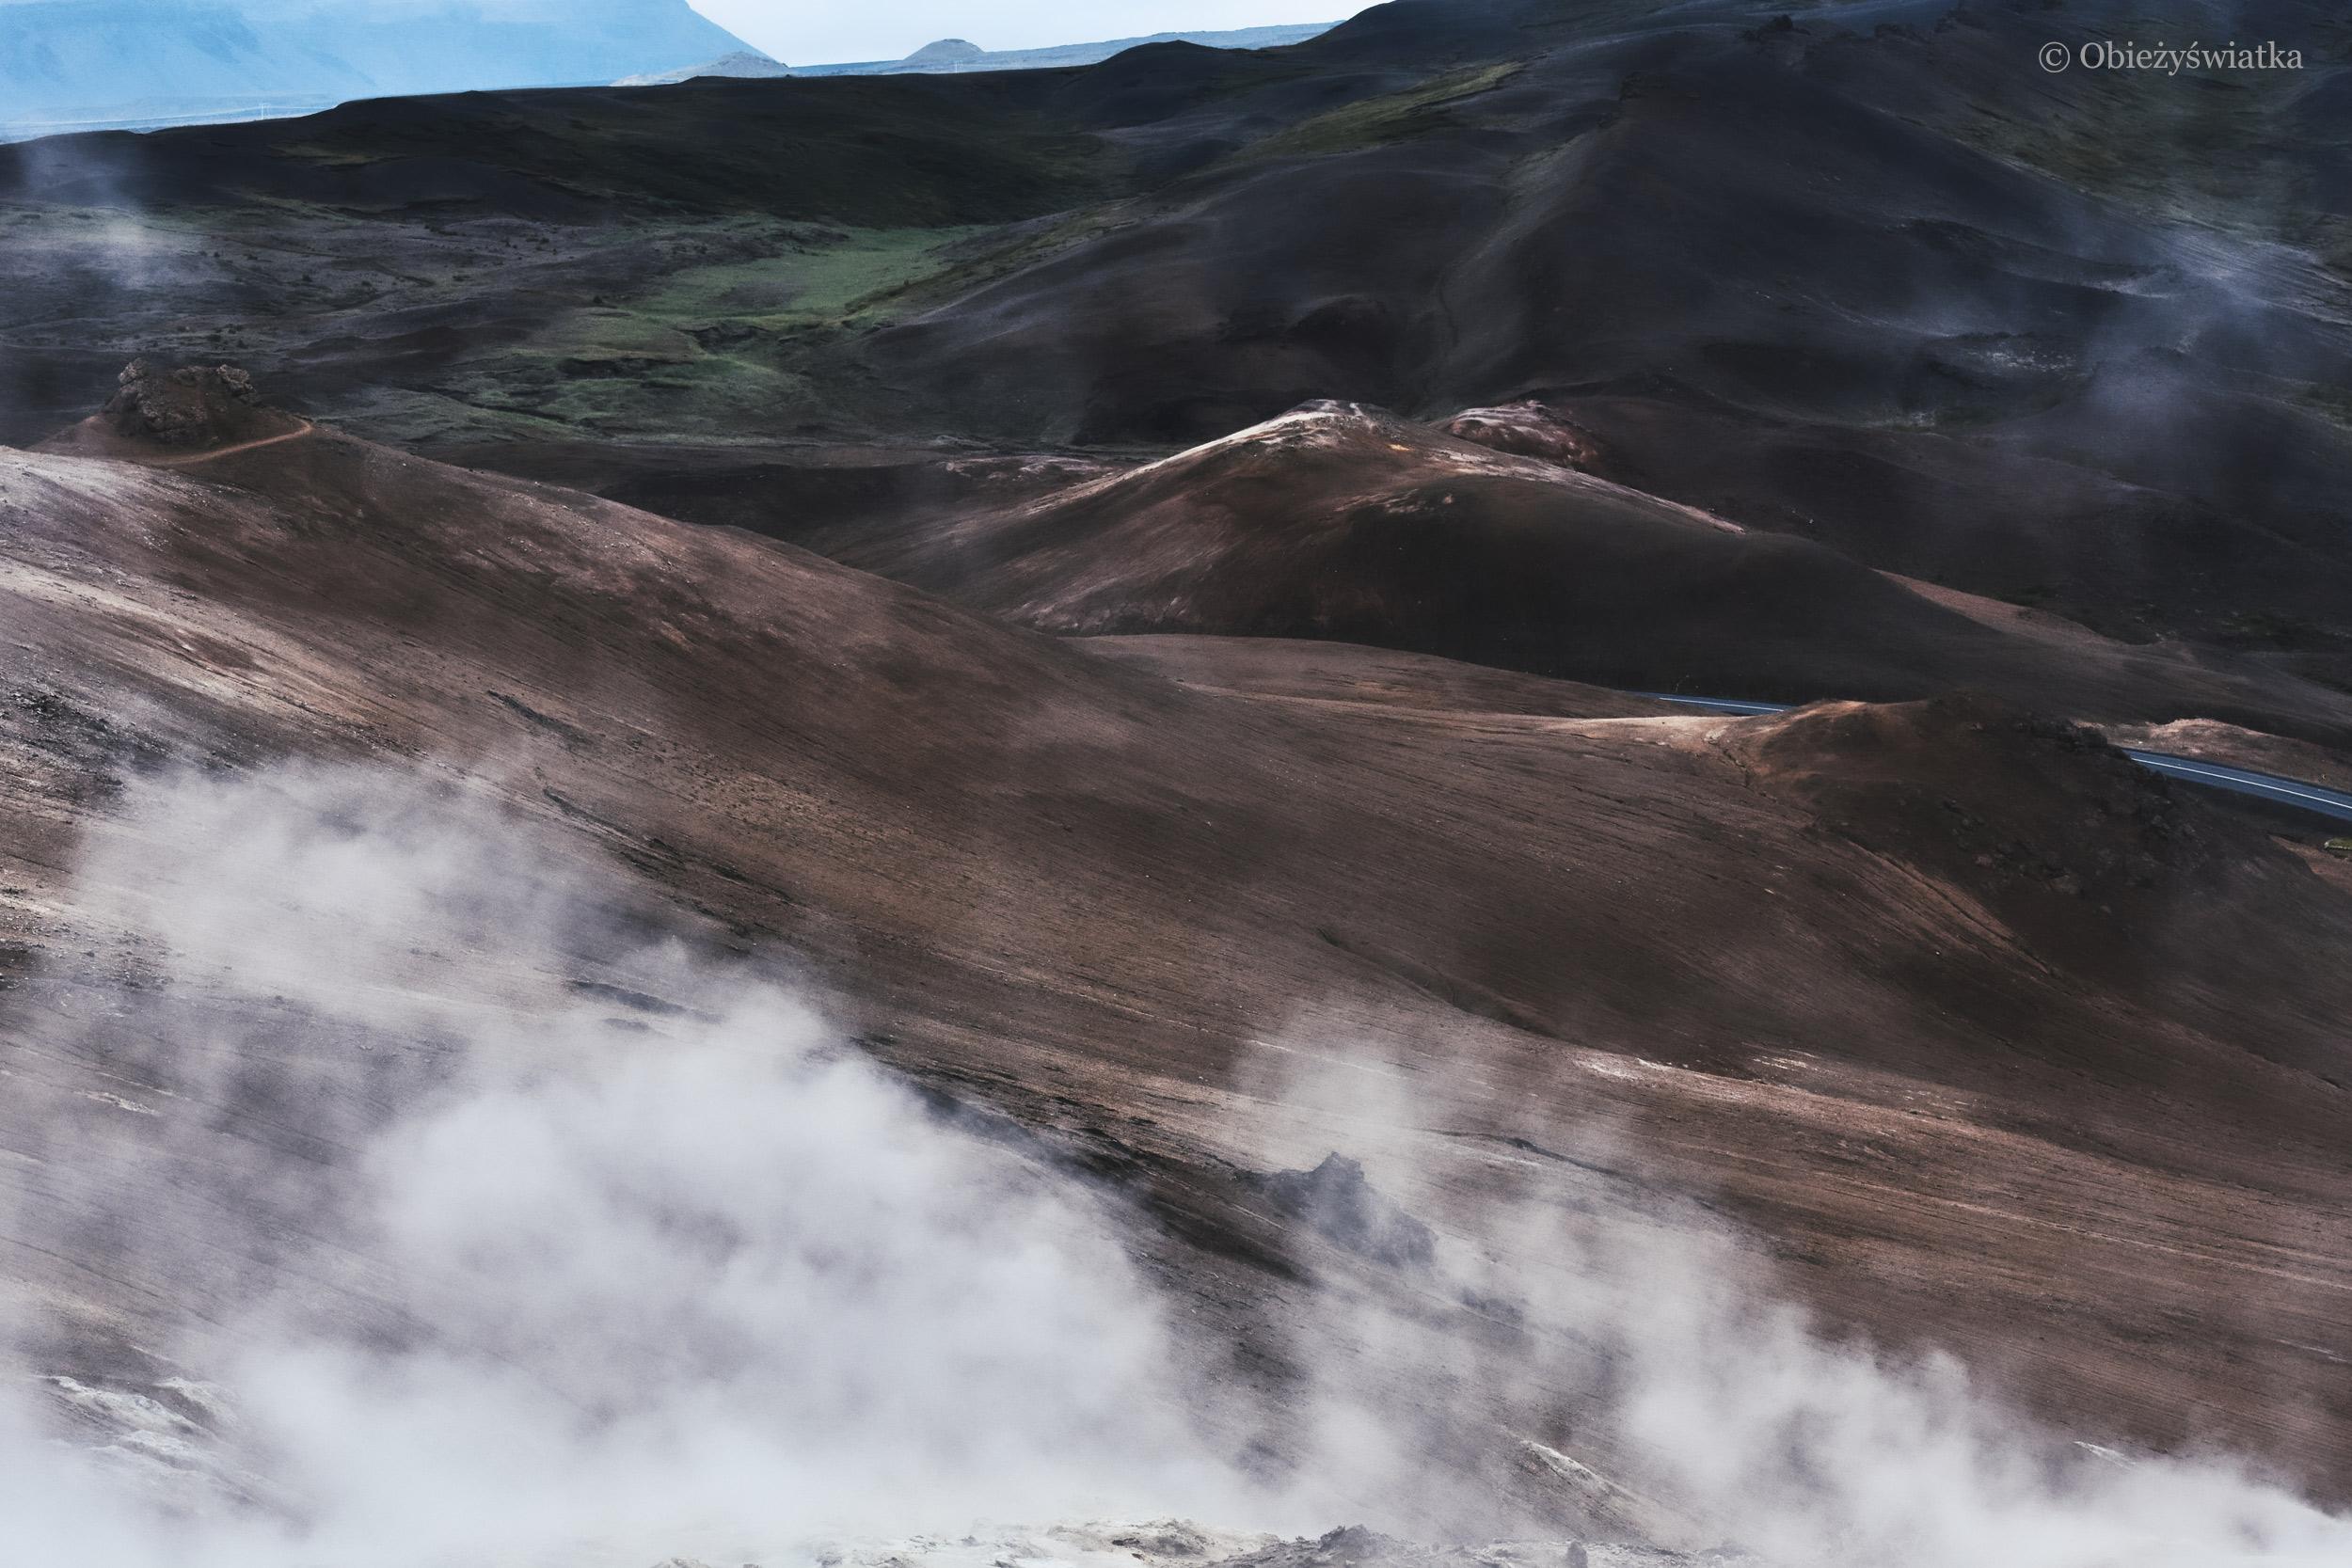 Wulkaniczny krajobraz Islandii